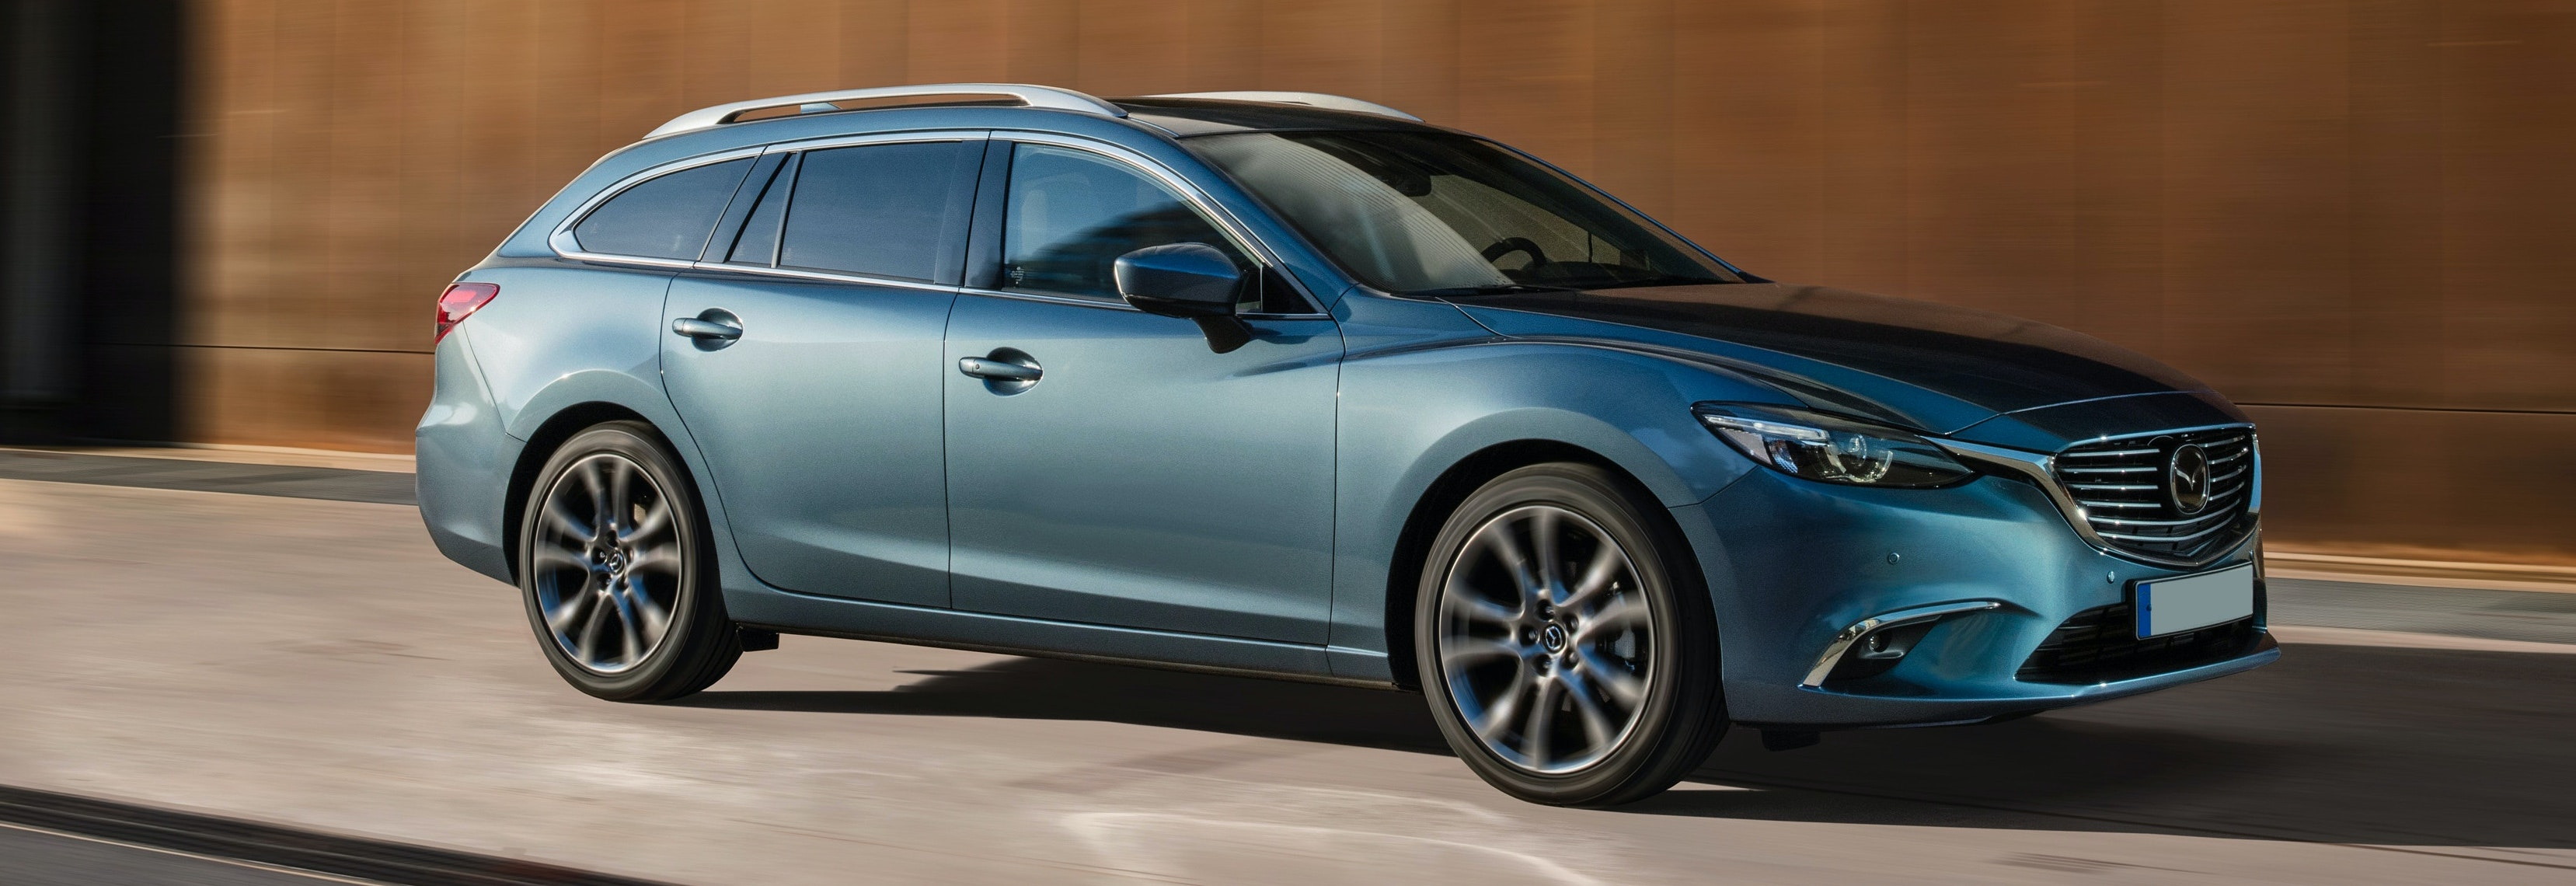 Culver City Mazda >> Mazda 6 Lease Deals Los Angeles   Lamoureph Blog